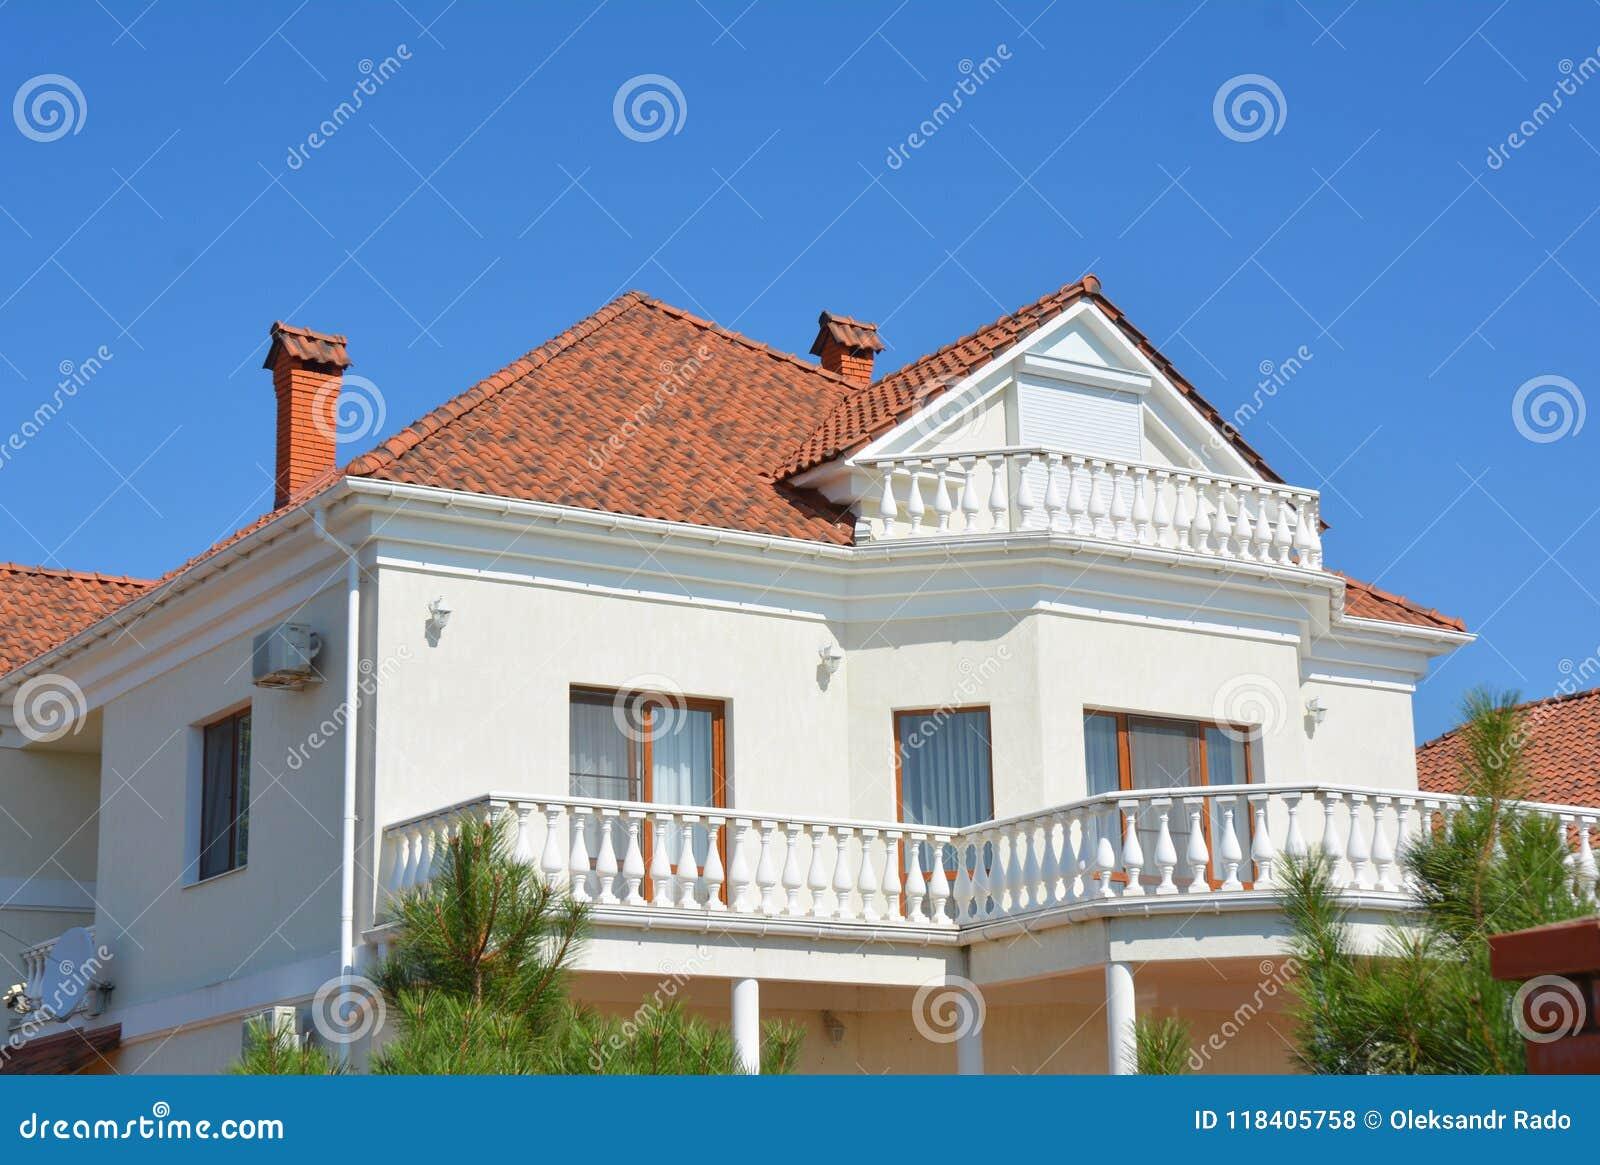 Modernes Luxushaus mit Dachbodenbalkon und Lehmfliesendach